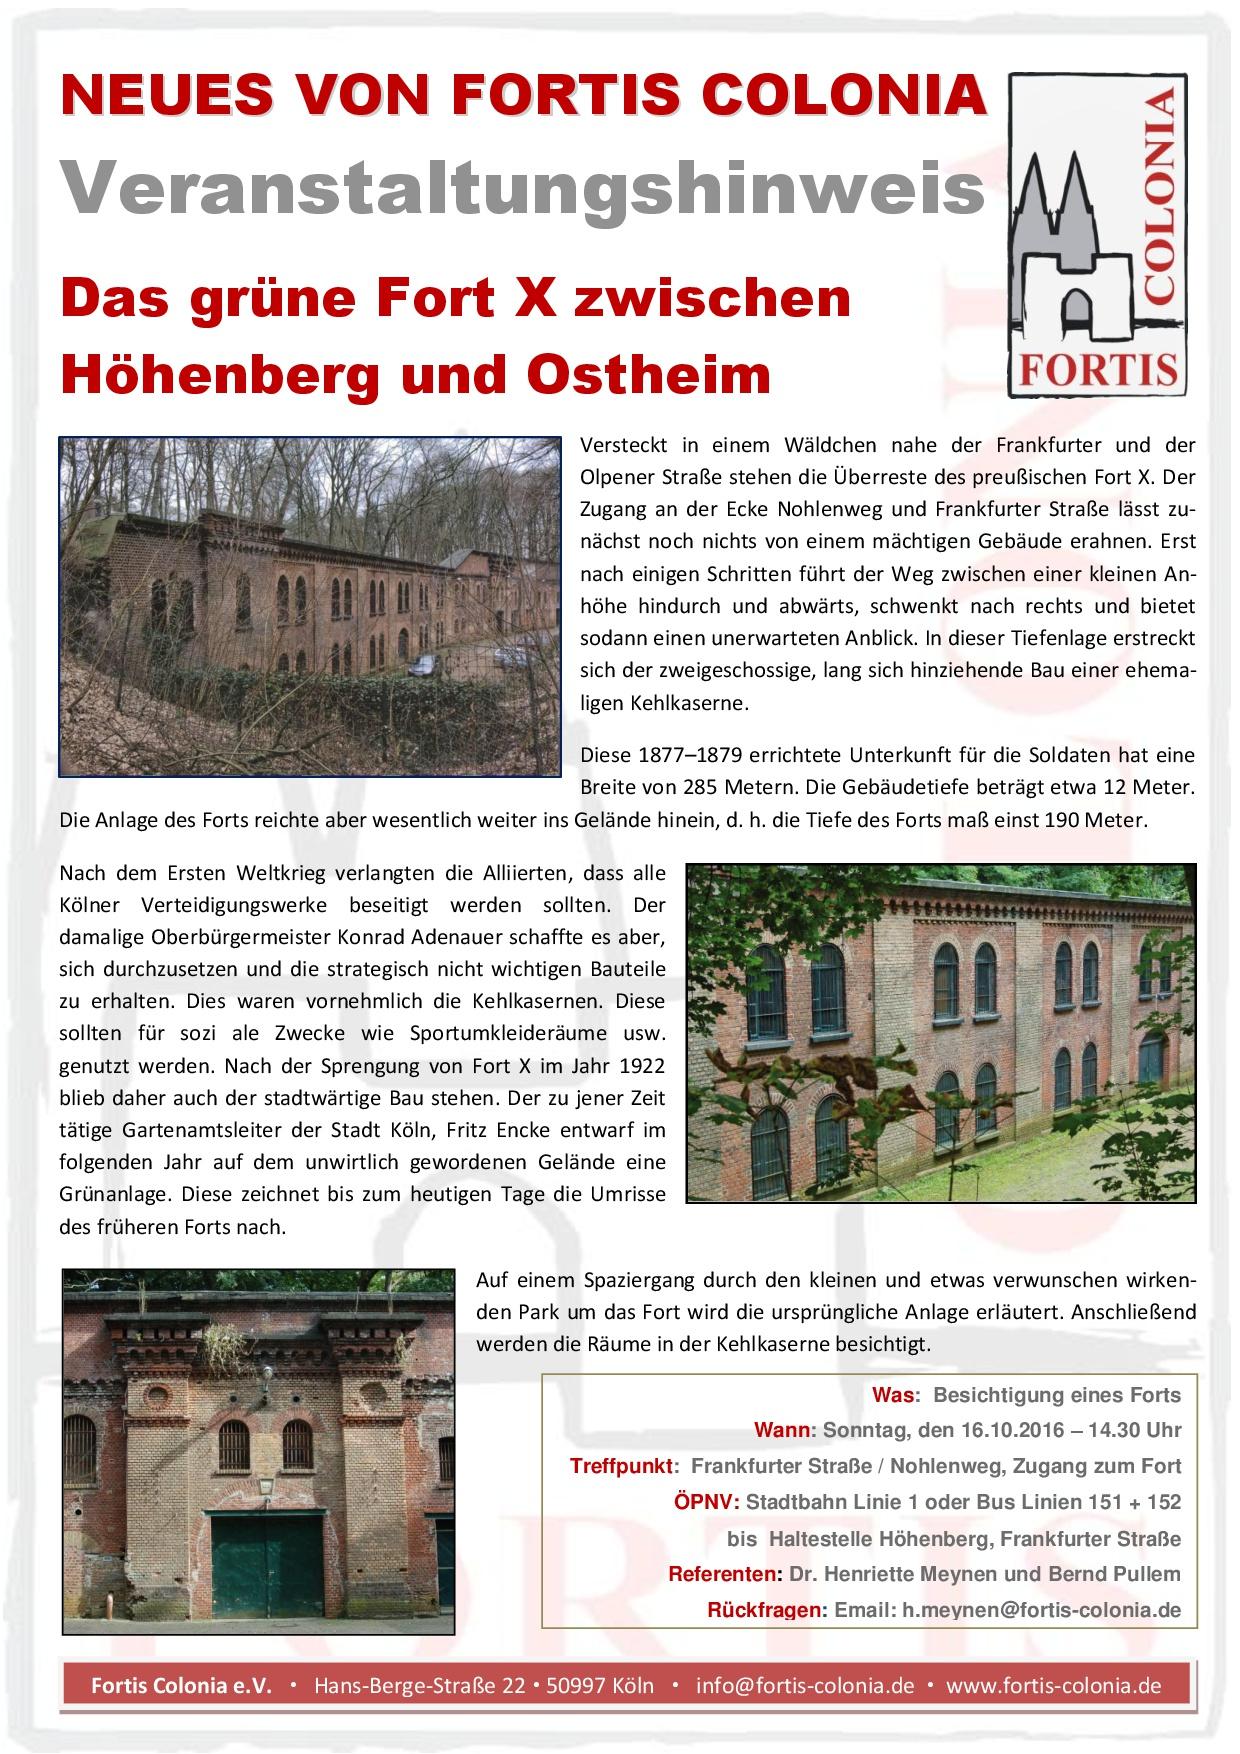 veranstaltungshinweis-fuer-den-16-10-2016